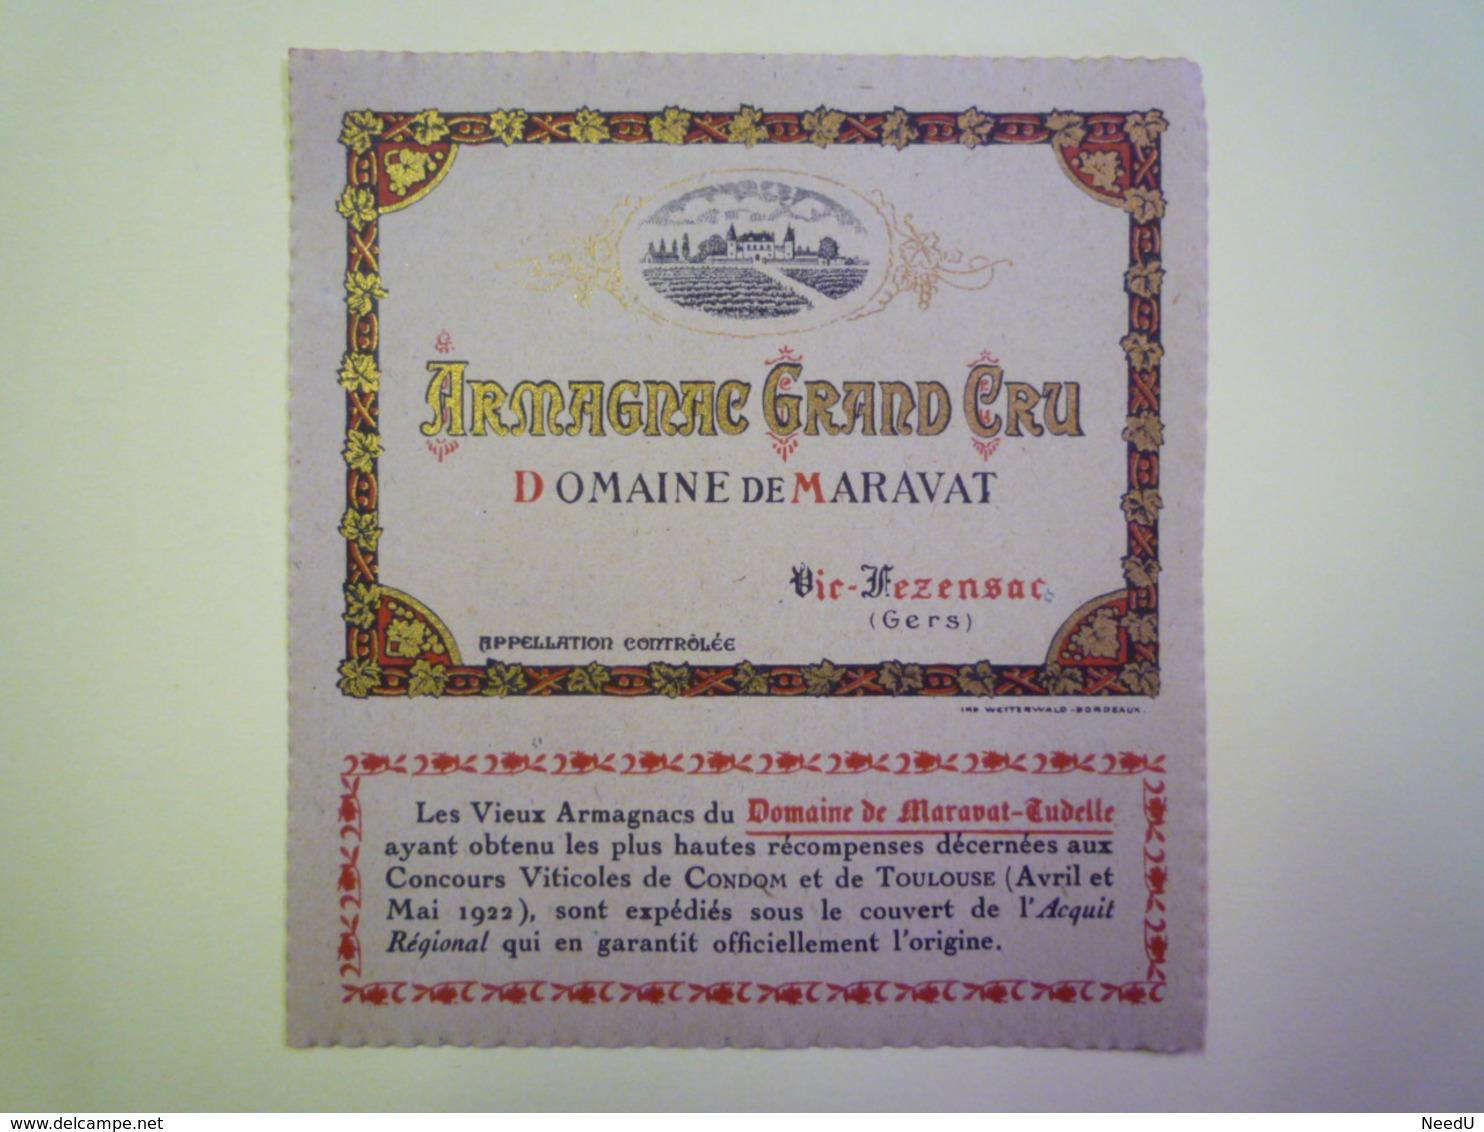 """GP 2019 - 1281  Etiquette   """"ARMAGNAC  GRAND CRU""""  VIC-FEZENSAC  (Gers) Domaine De Maravat  XXX - Old Paper"""